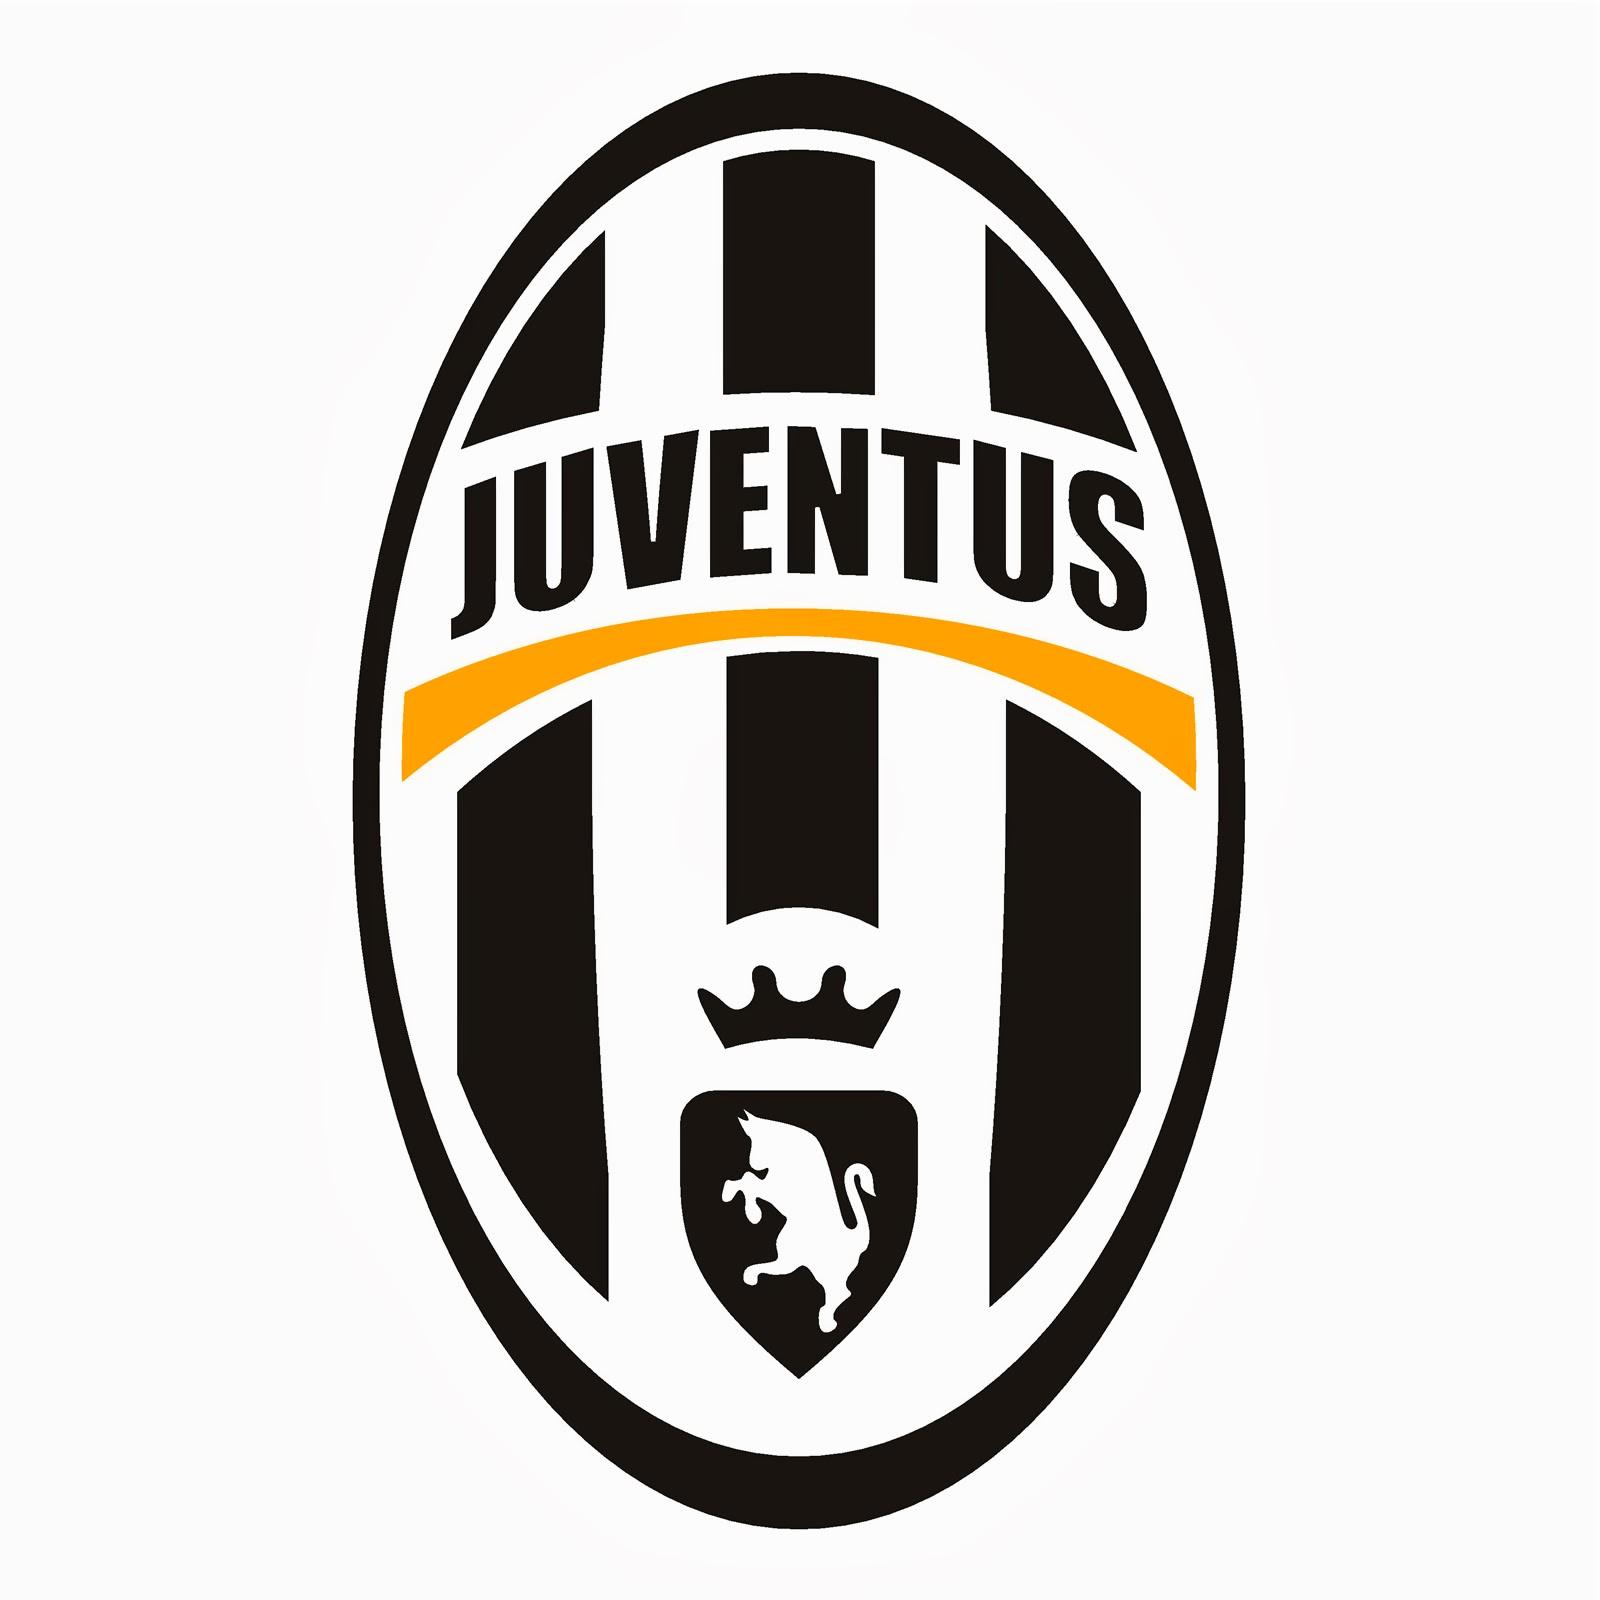 Top Wallpaper Logo Juventus - bm-image-705693  Pic_15814.jpeg